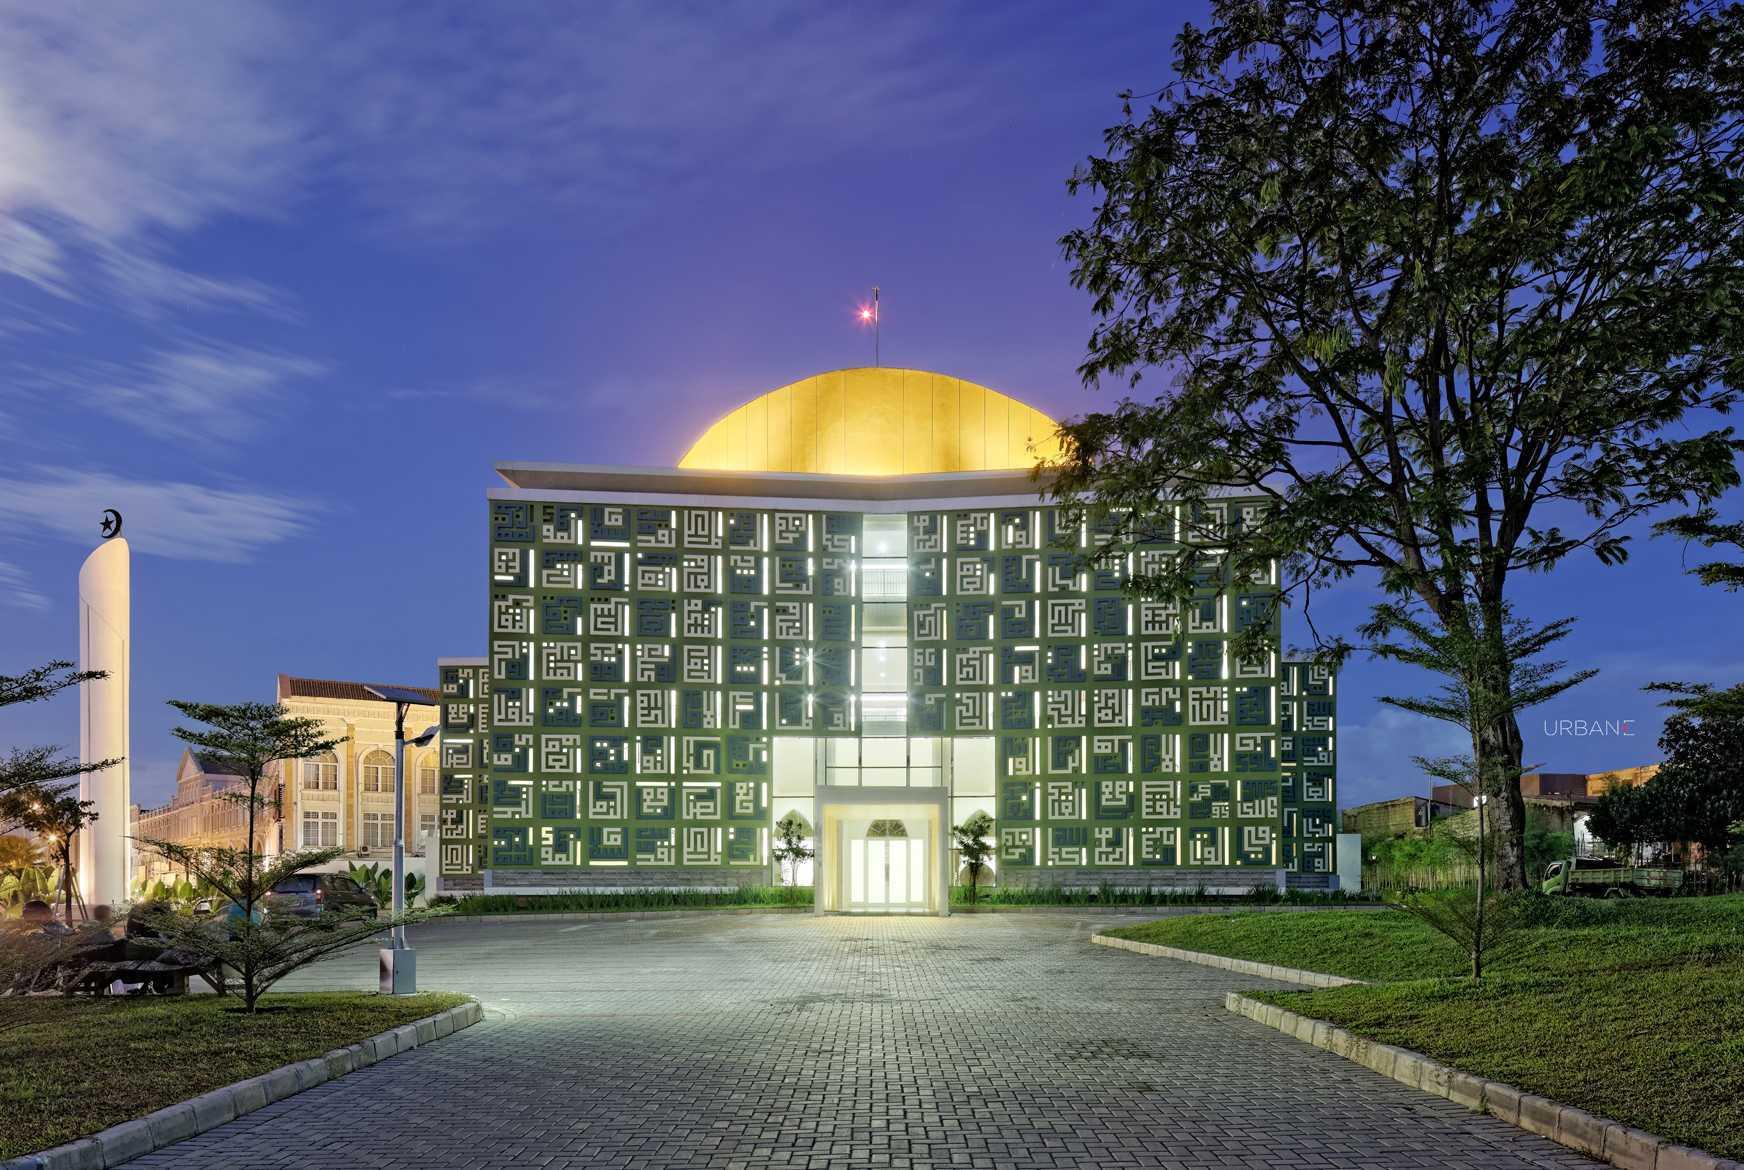 Masjid yang dibangun di Kota Tangerang Selatan ini tampil dengan gaya eksteriornya yang unik. Selain kubahnya yang menjulang, bagian dindingnya diberi relief kaligrafi cantik yang membuat tampilannya semakin megah.